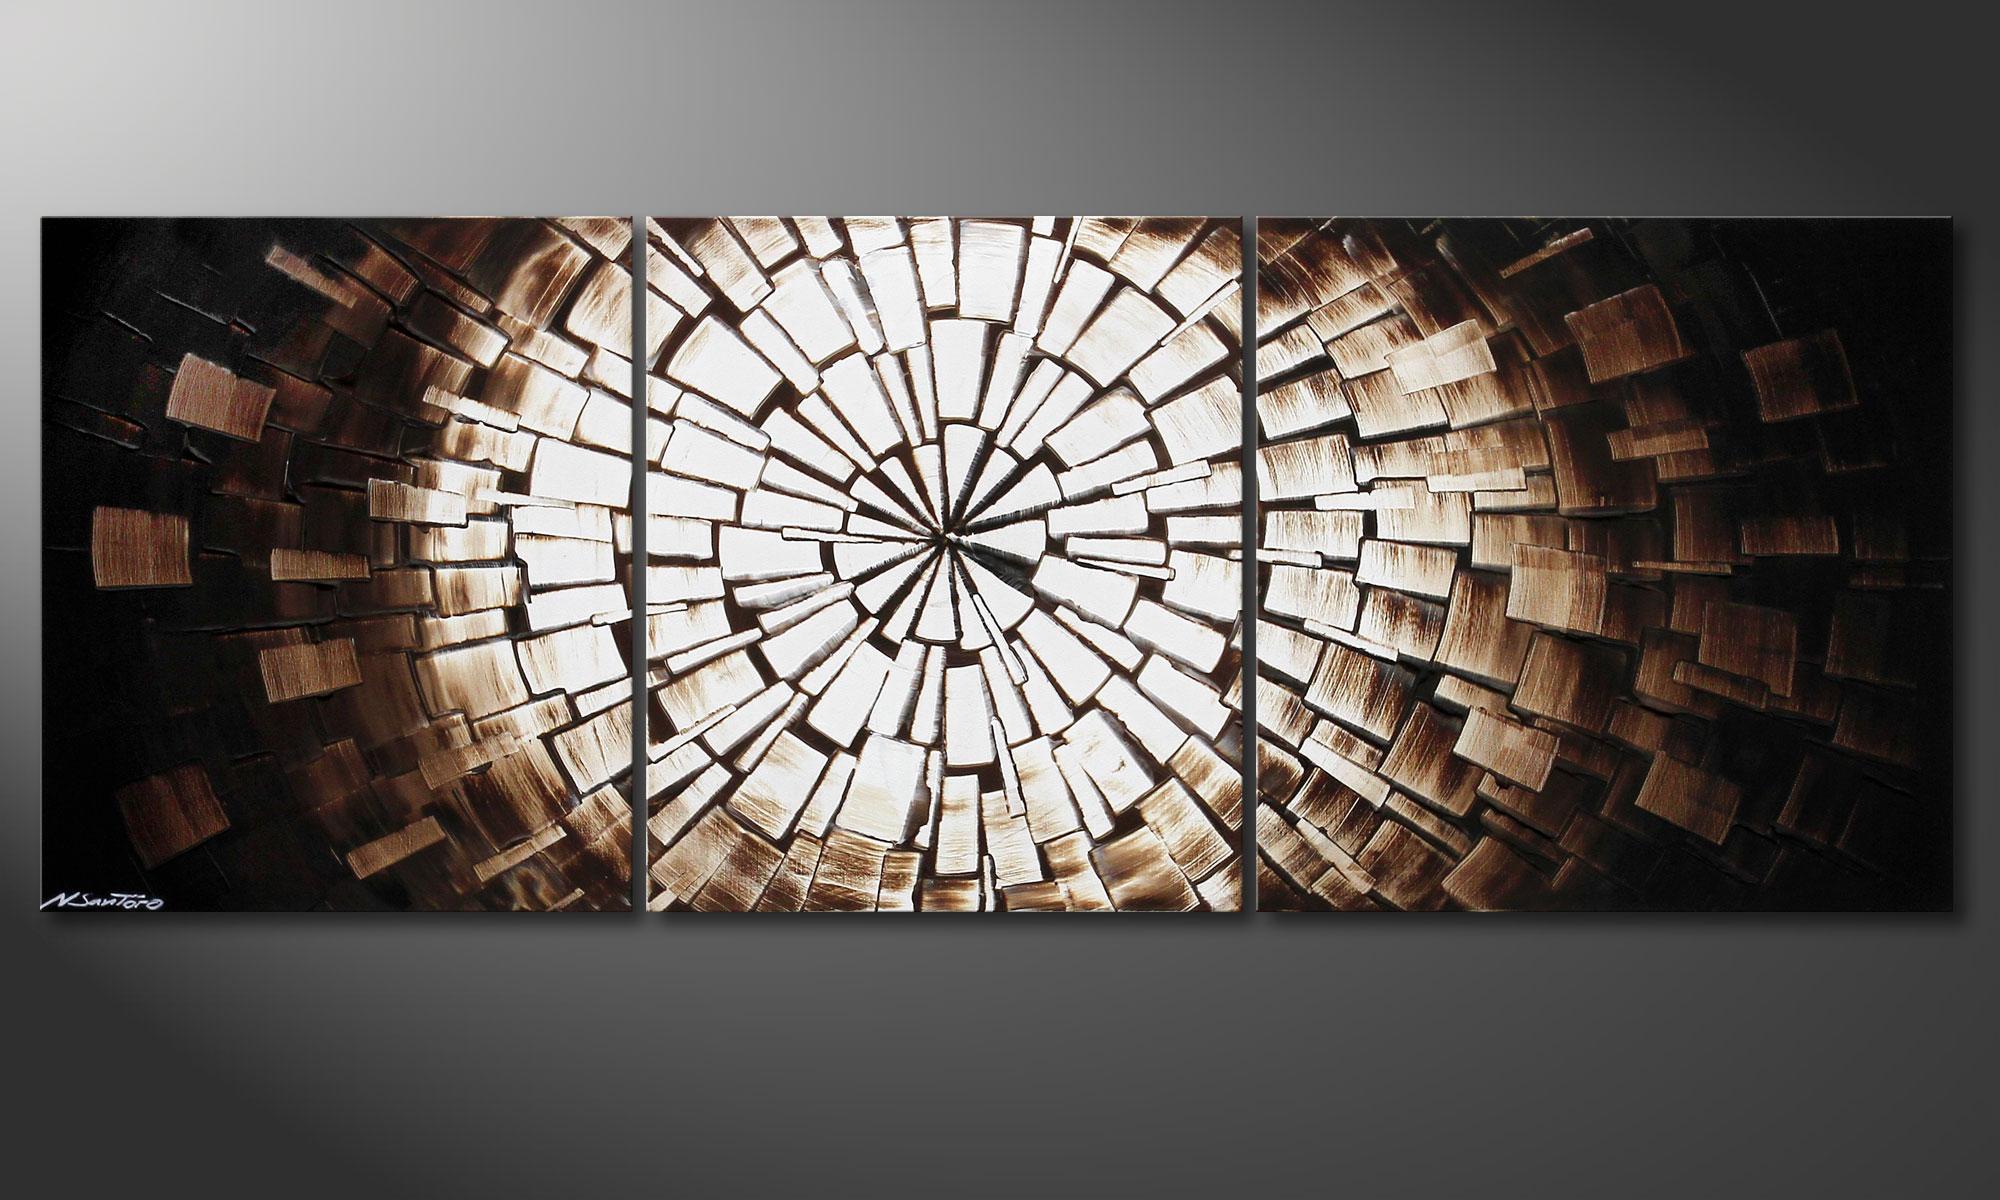 Full Size of Wandbilder Wohnzimmer Modern Xxl Das Moderne Bild Center Of Babylon 190x70cm Deckenleuchte Indirekte Beleuchtung Stehlampen Liege Led Landhausküche Vorhang Wohnzimmer Wandbilder Wohnzimmer Modern Xxl